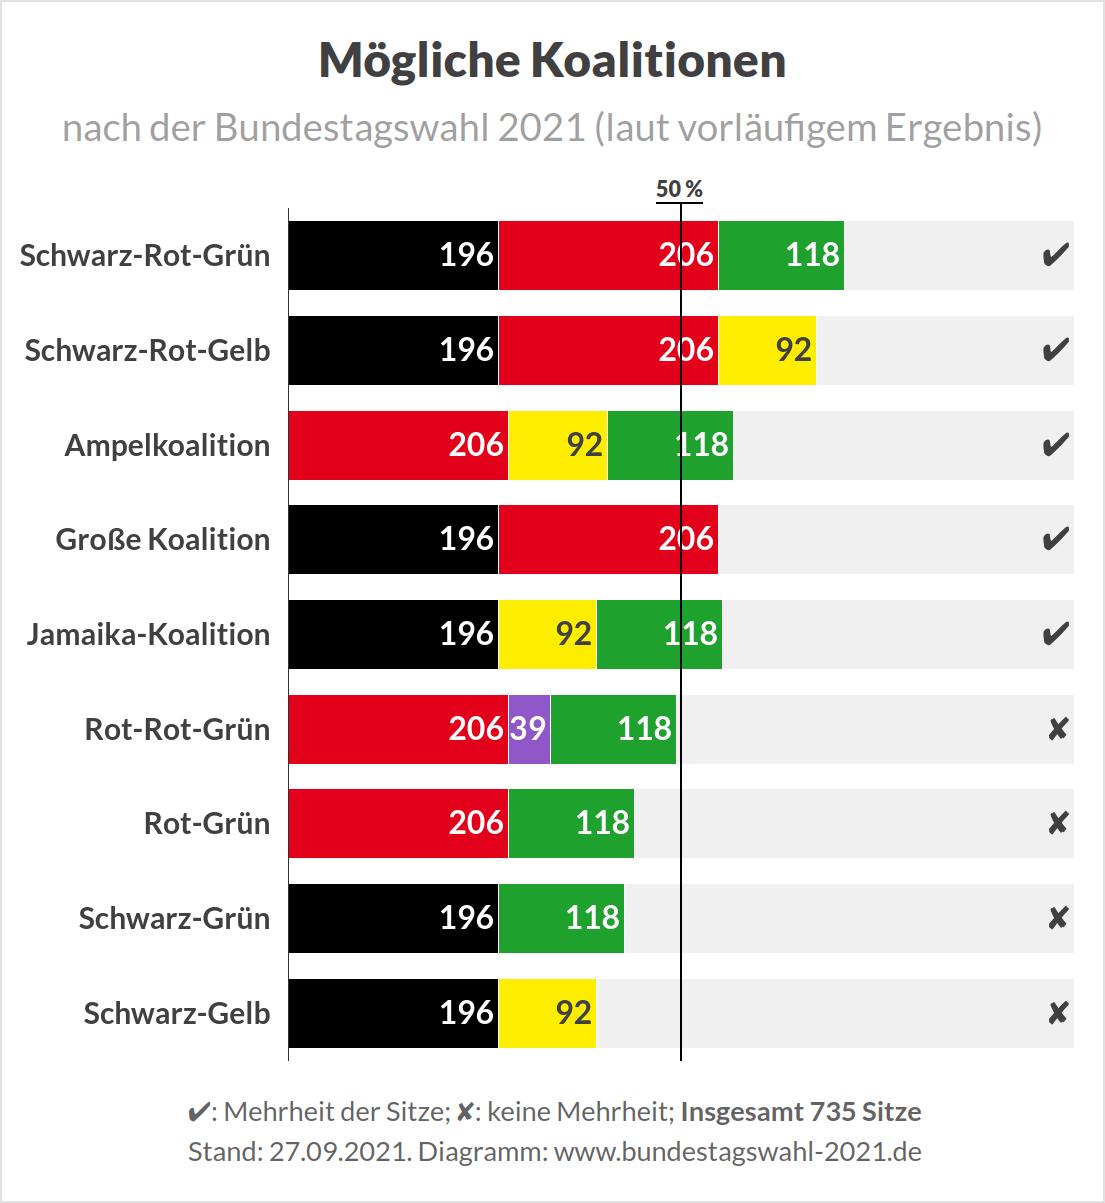 bundestagswahl-2021-moeglichen-koalitionen-....png